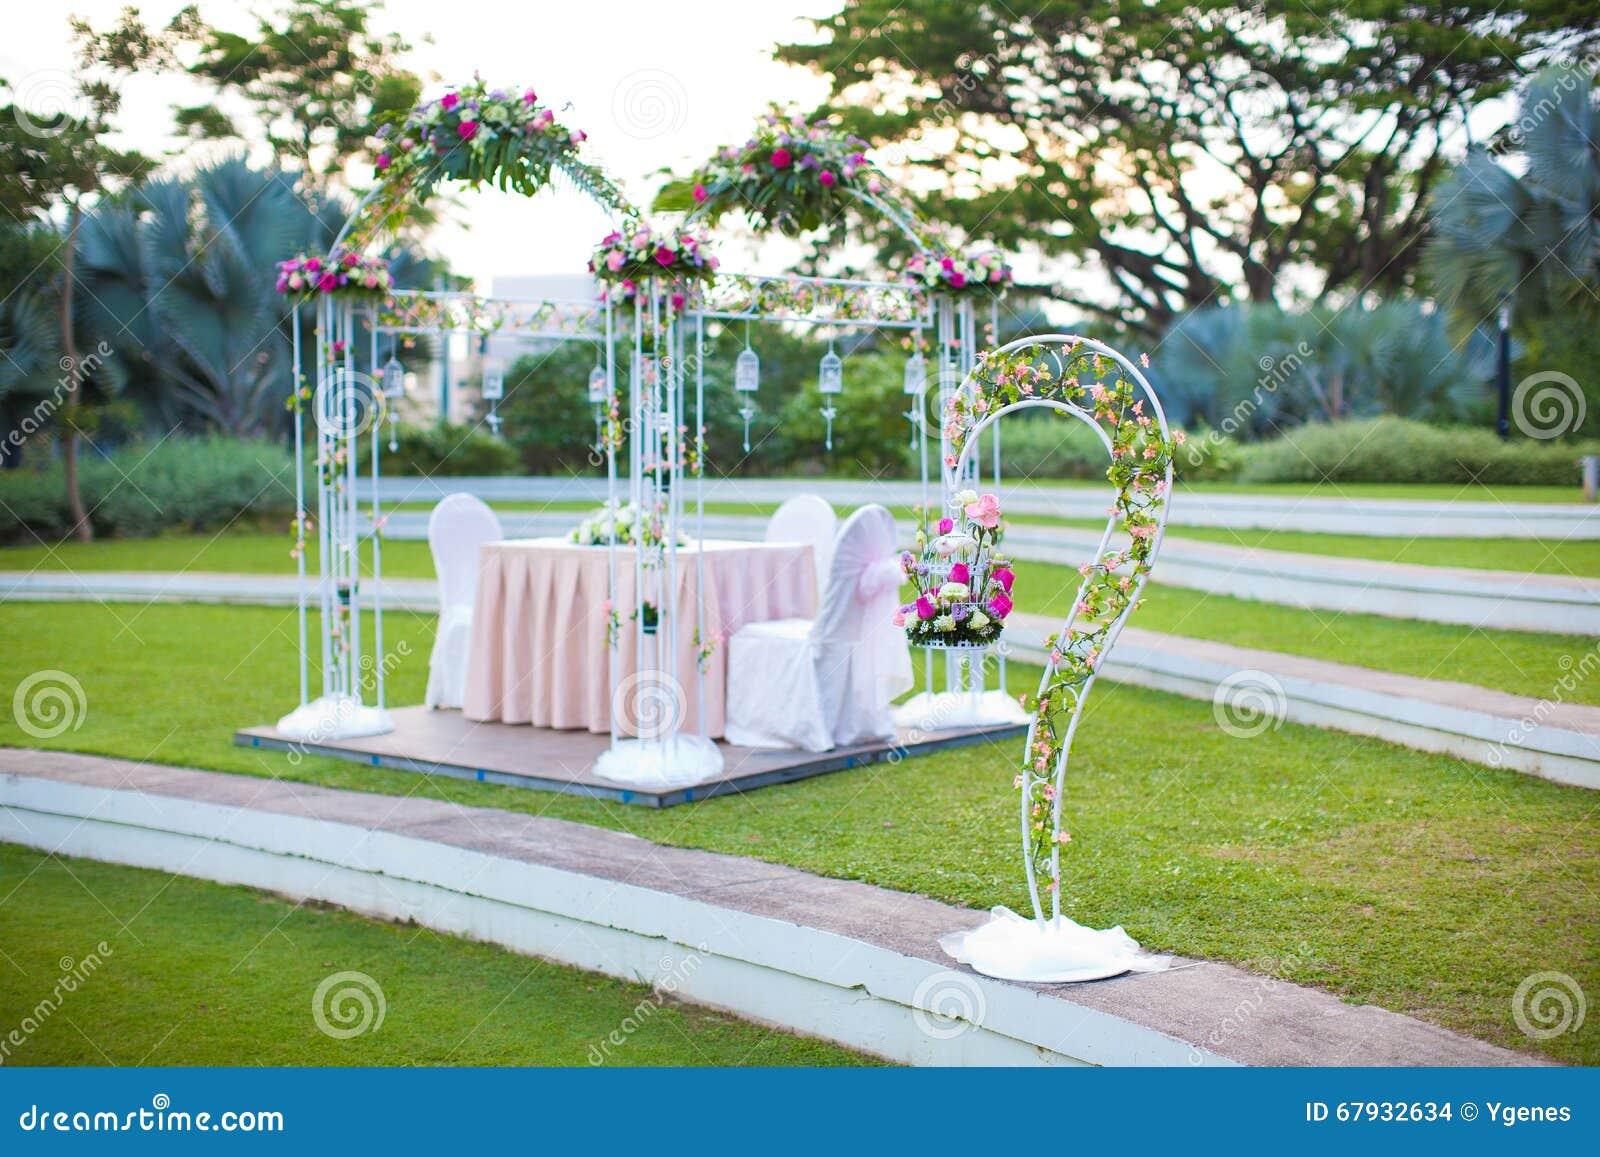 Entibaci n de la boda decoraci n al aire libre del estilo for Decoracion de jardin al aire libre